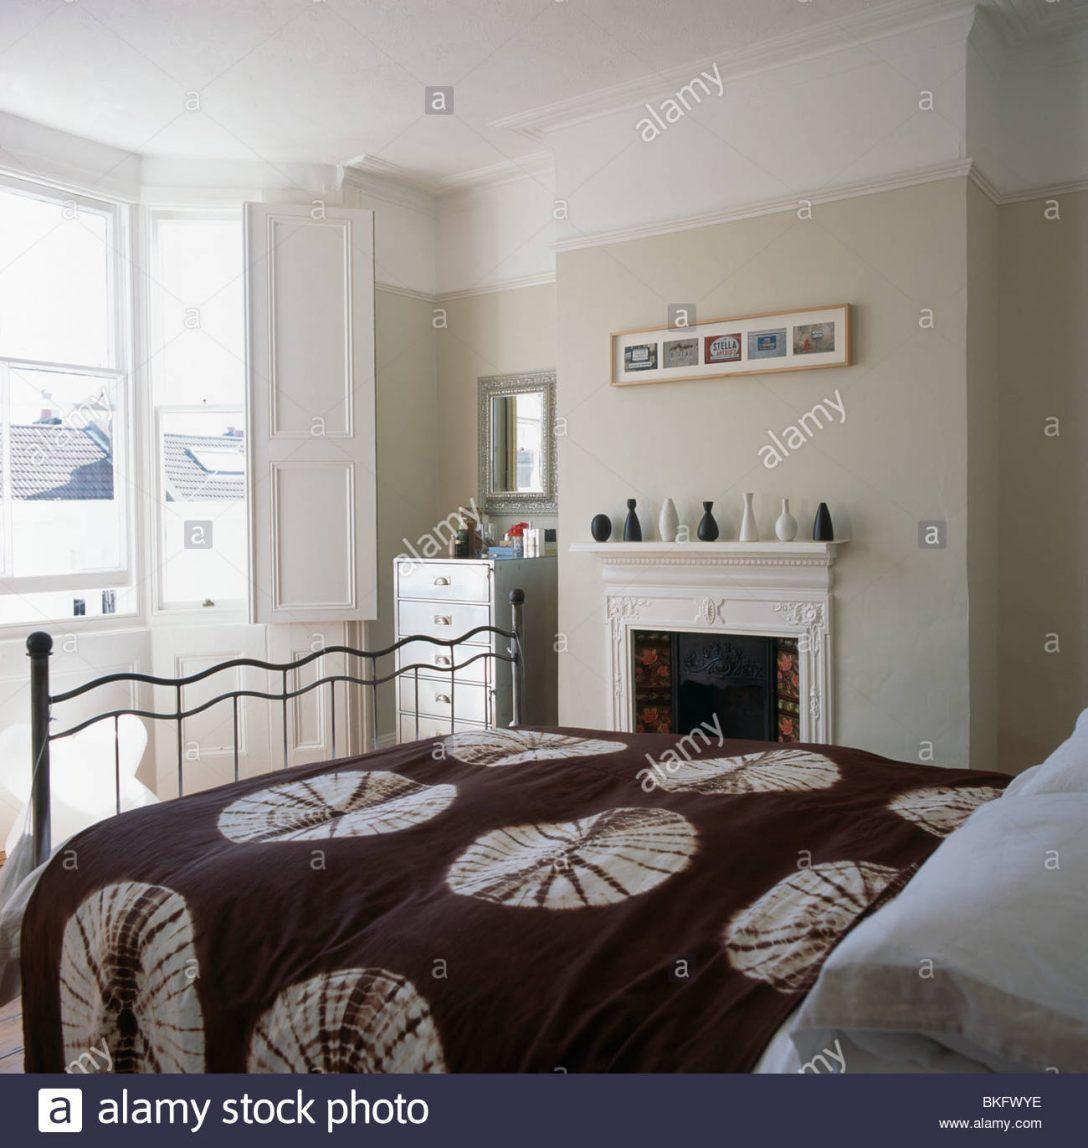 Large Size of Weißes Schlafzimmer Braun Wei Gemustert Bettdecke Auf Traditionellen Blbeige Tapeten Romantische Stuhl Für Vorhänge Truhe Kommode Weiß Komplett Mit Schlafzimmer Weißes Schlafzimmer